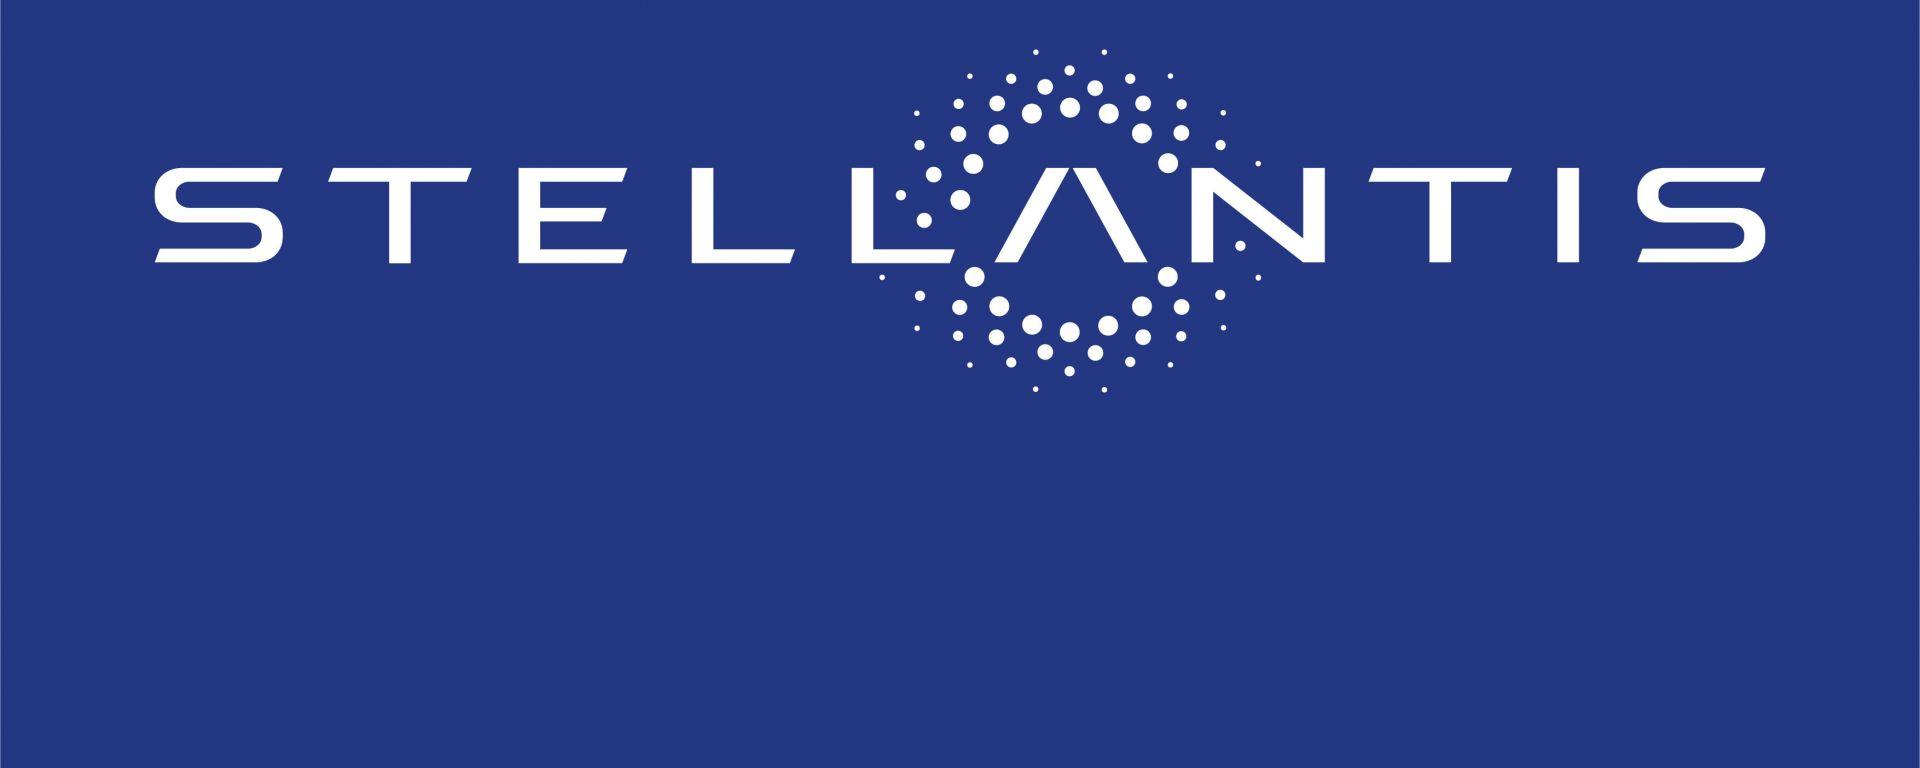 Stellantis, il maxi Gruppo FCA-PSA ha un nuovo logo [VIDEO]